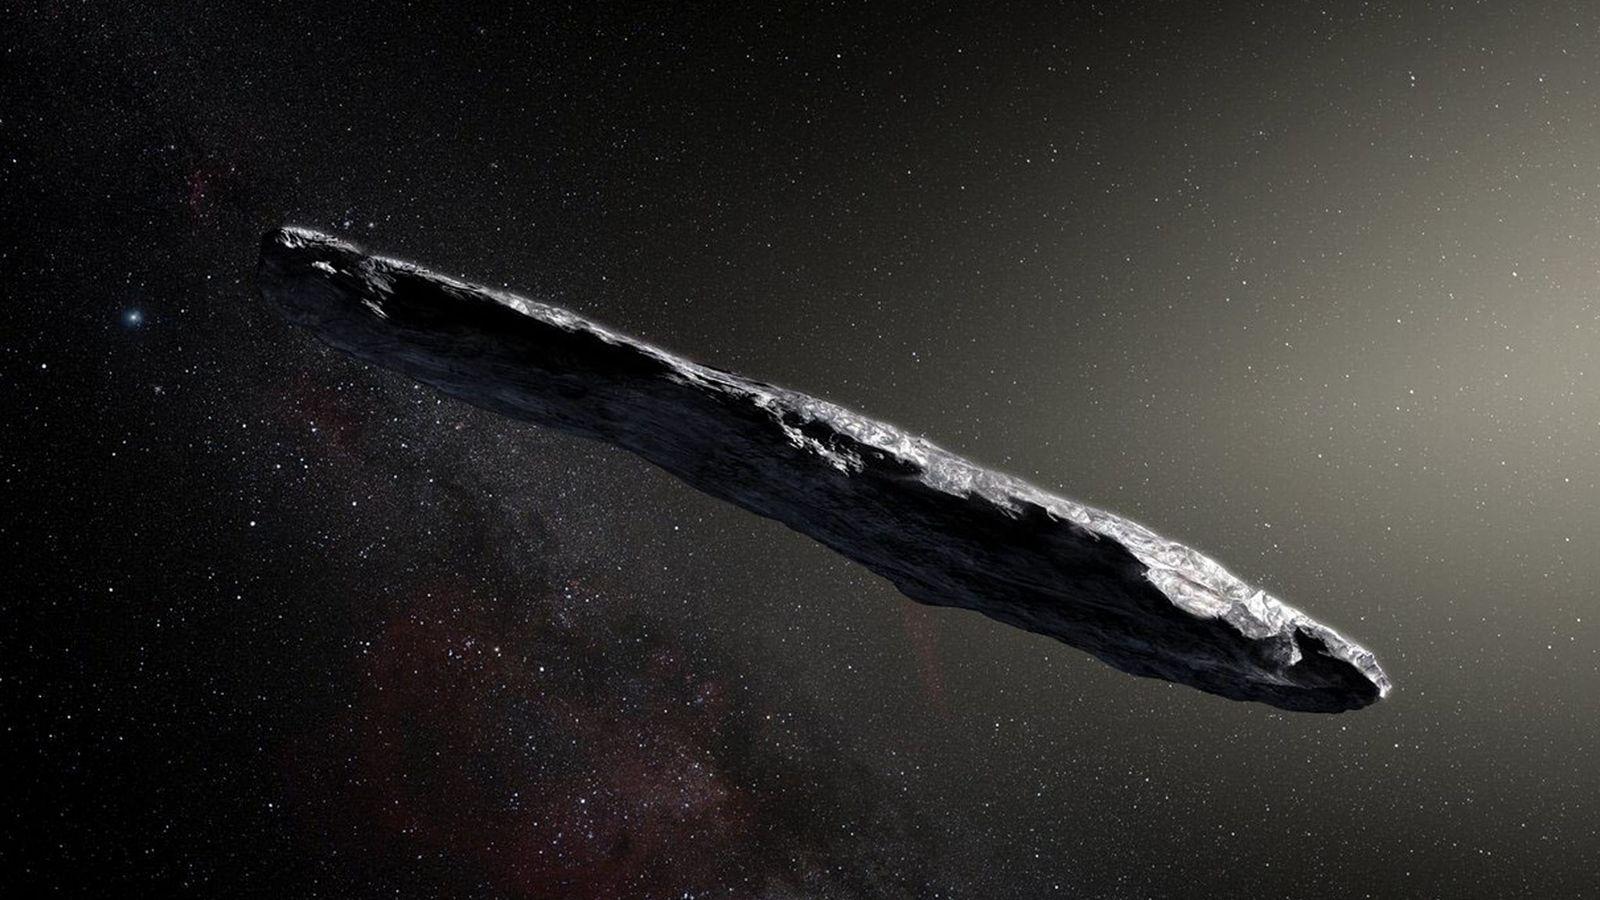 Representación artística del asteroide interestelar 1I/2017 U1 ('Oumuamua) mientras pasaba por el sistema solar luego de ...